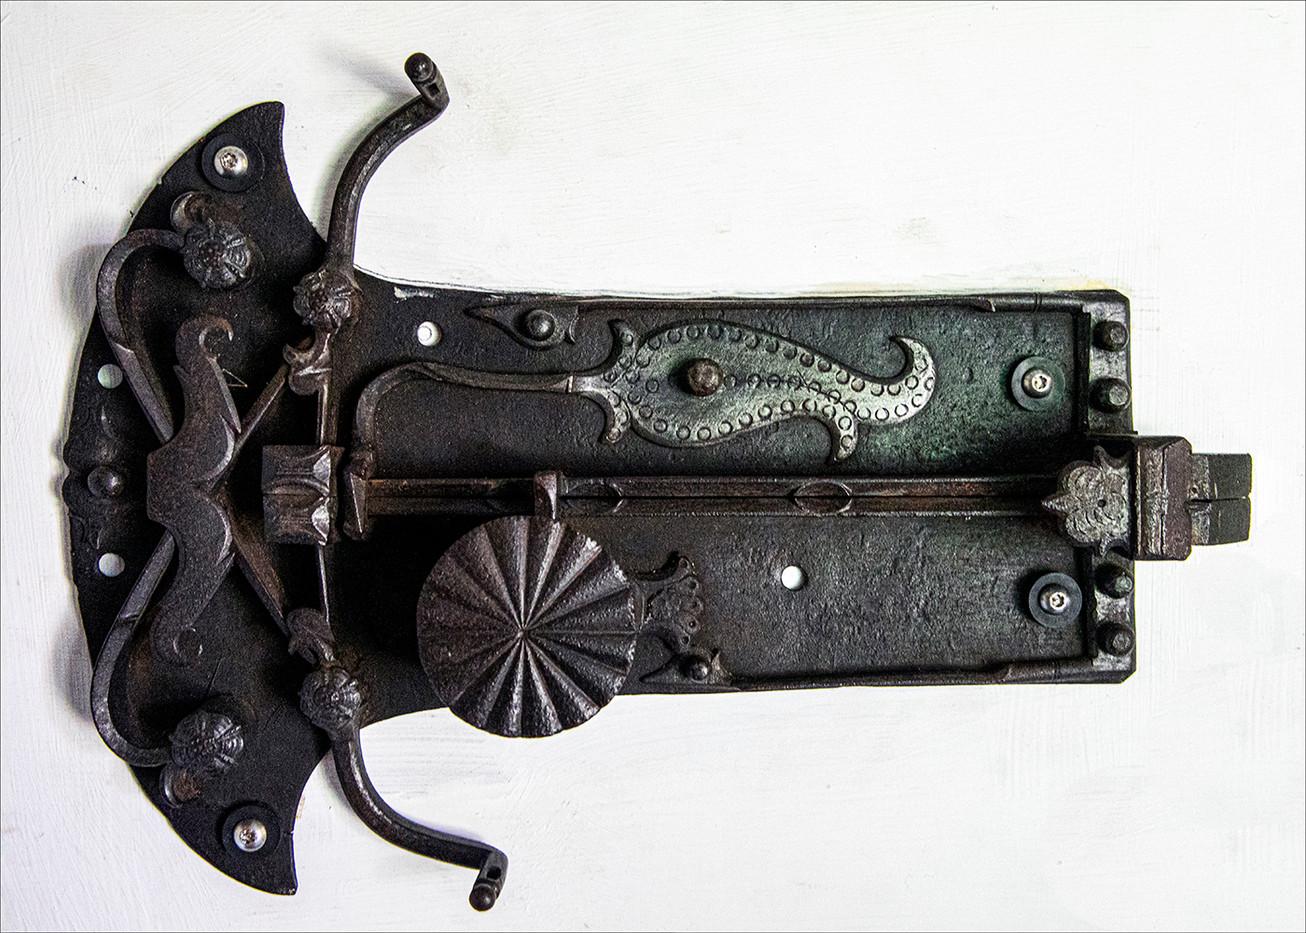 18 TUDOR LOCK DETAIL by Philip Easom